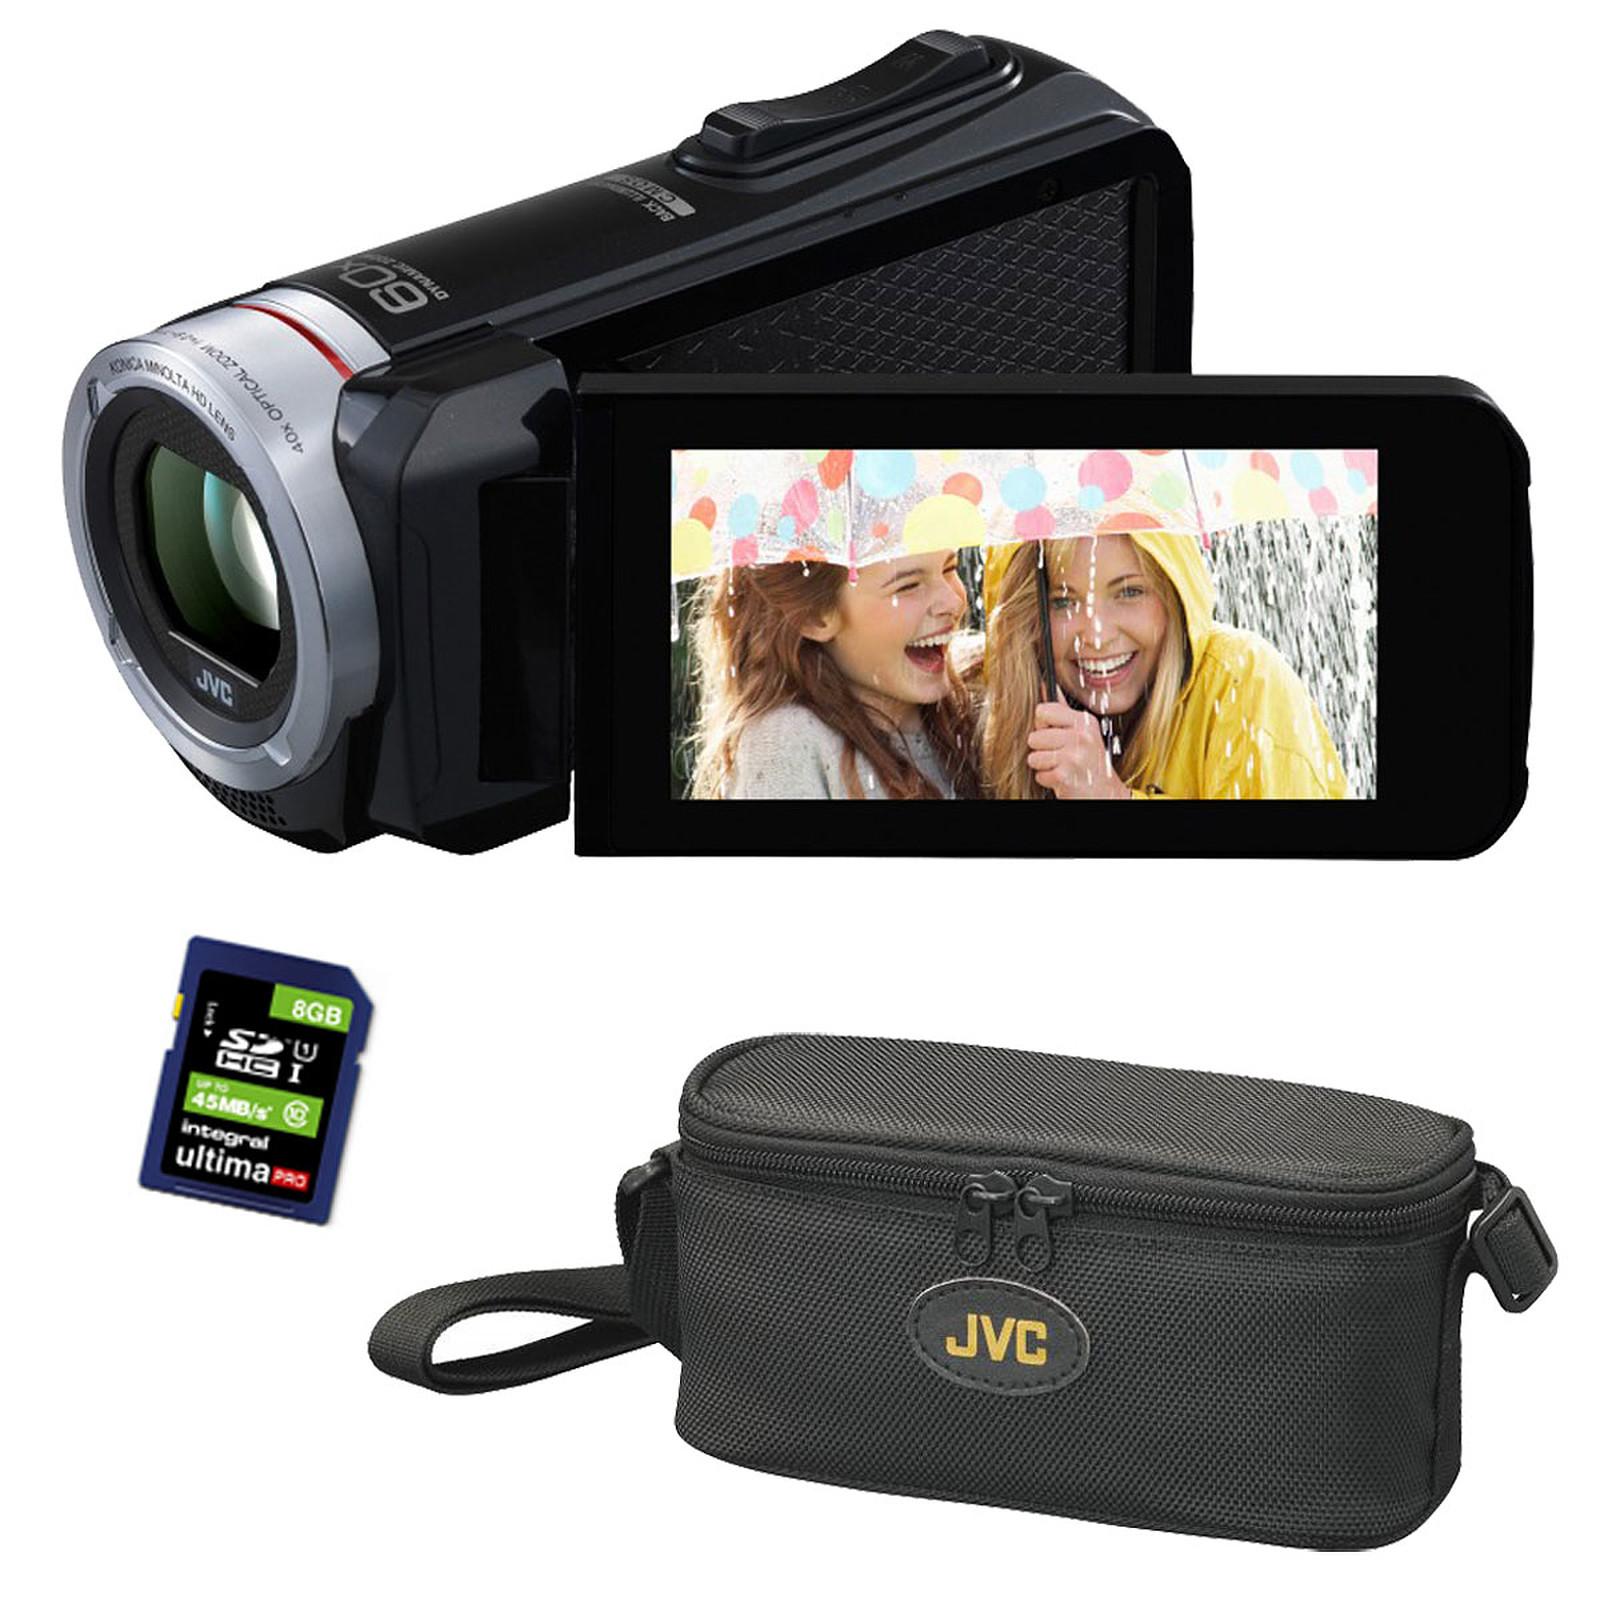 JVC GZ-RX115 Noir + Sacoche CB-VM89 + Carte SD 8 Go